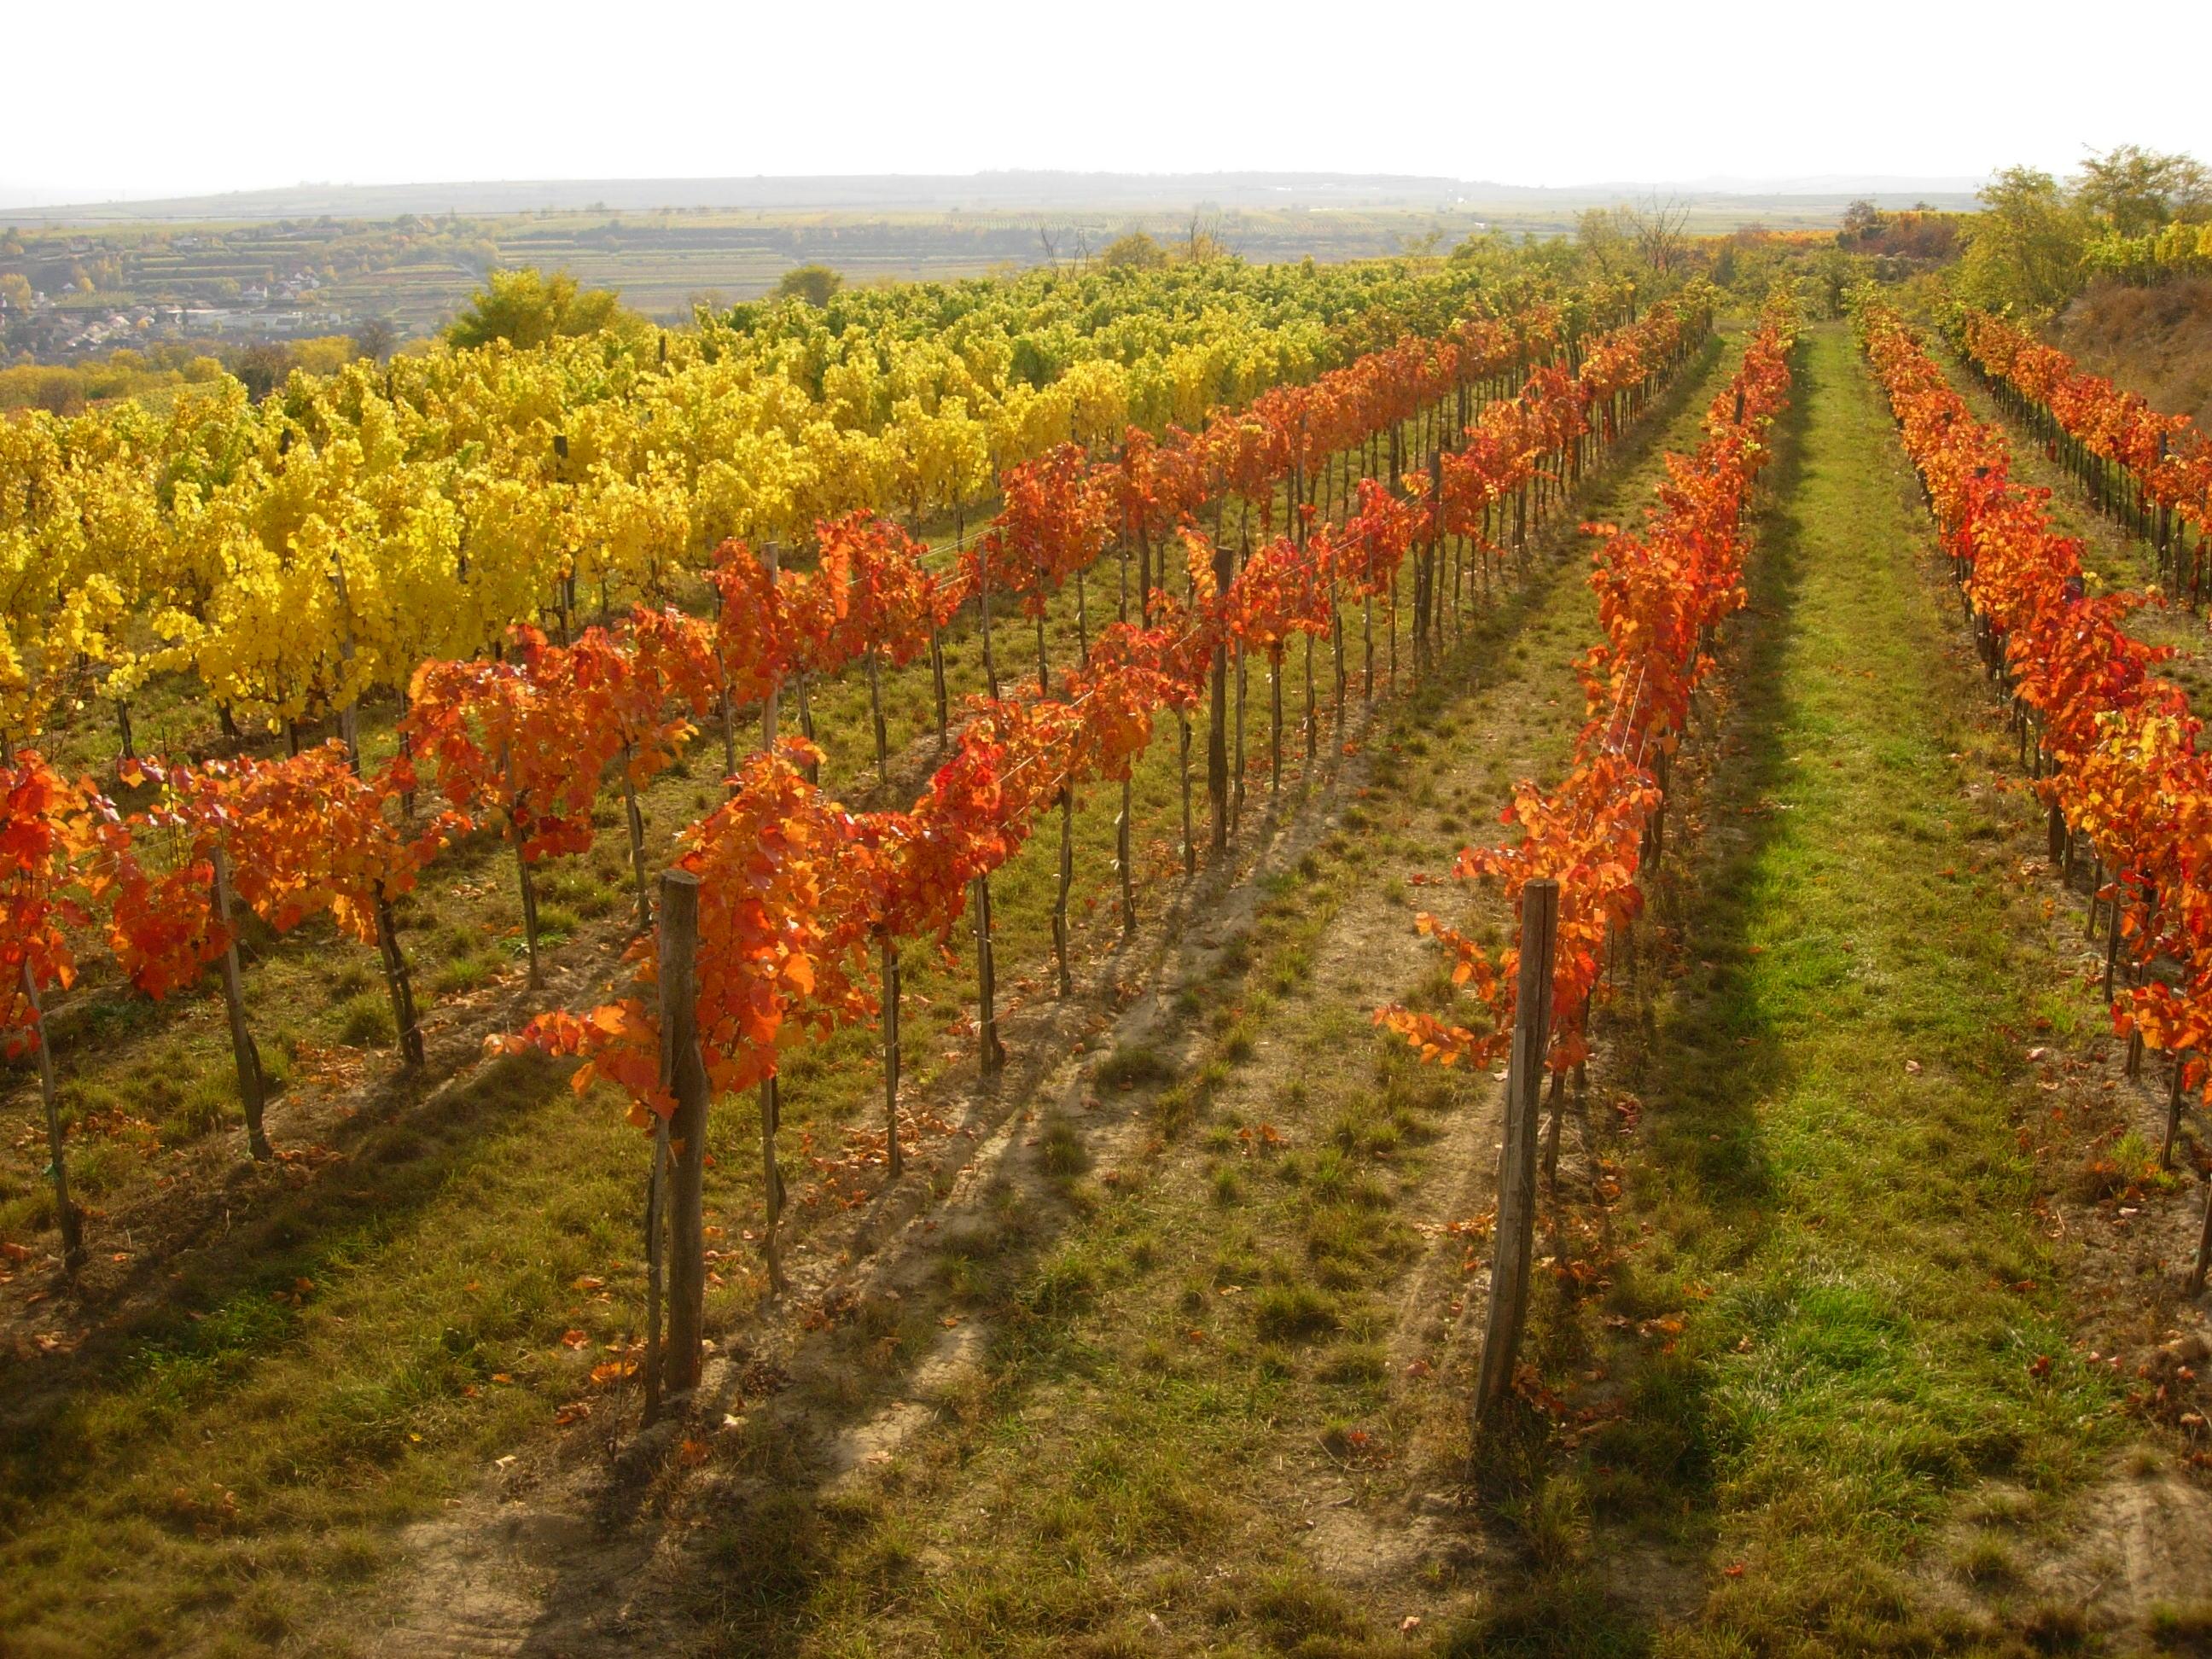 SÉJOUR OENOLOGIQUE EN AUTRICHE - Autriche - Les régions viticoles - 2